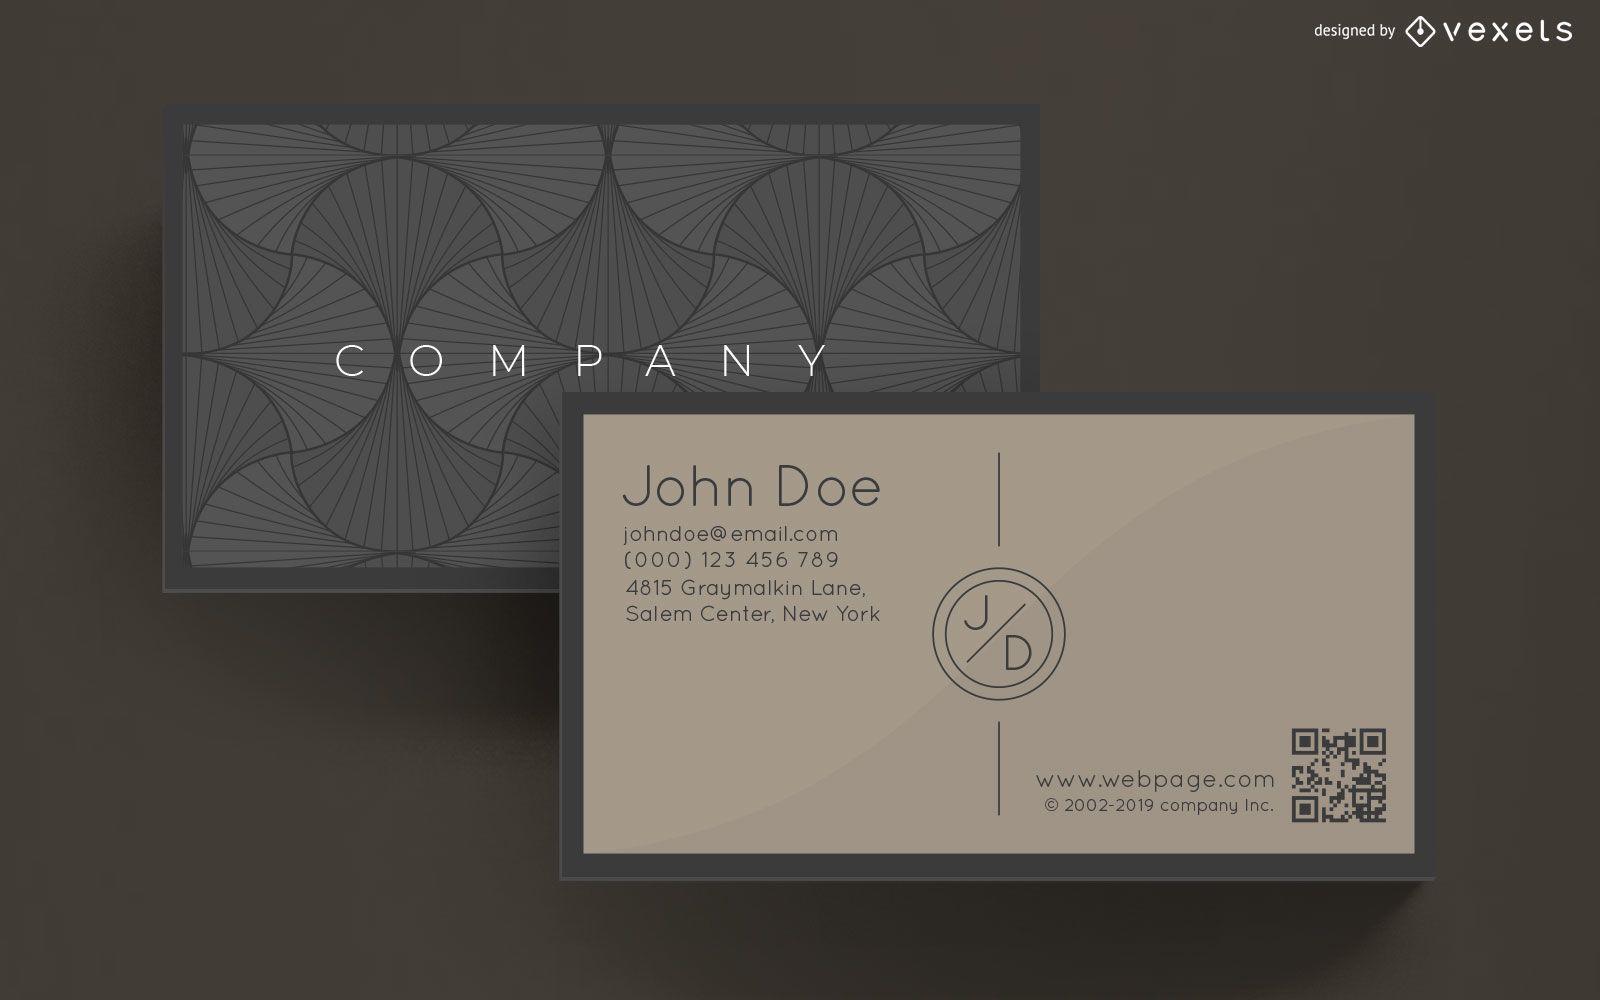 Diseño de tarjeta de visita elegante